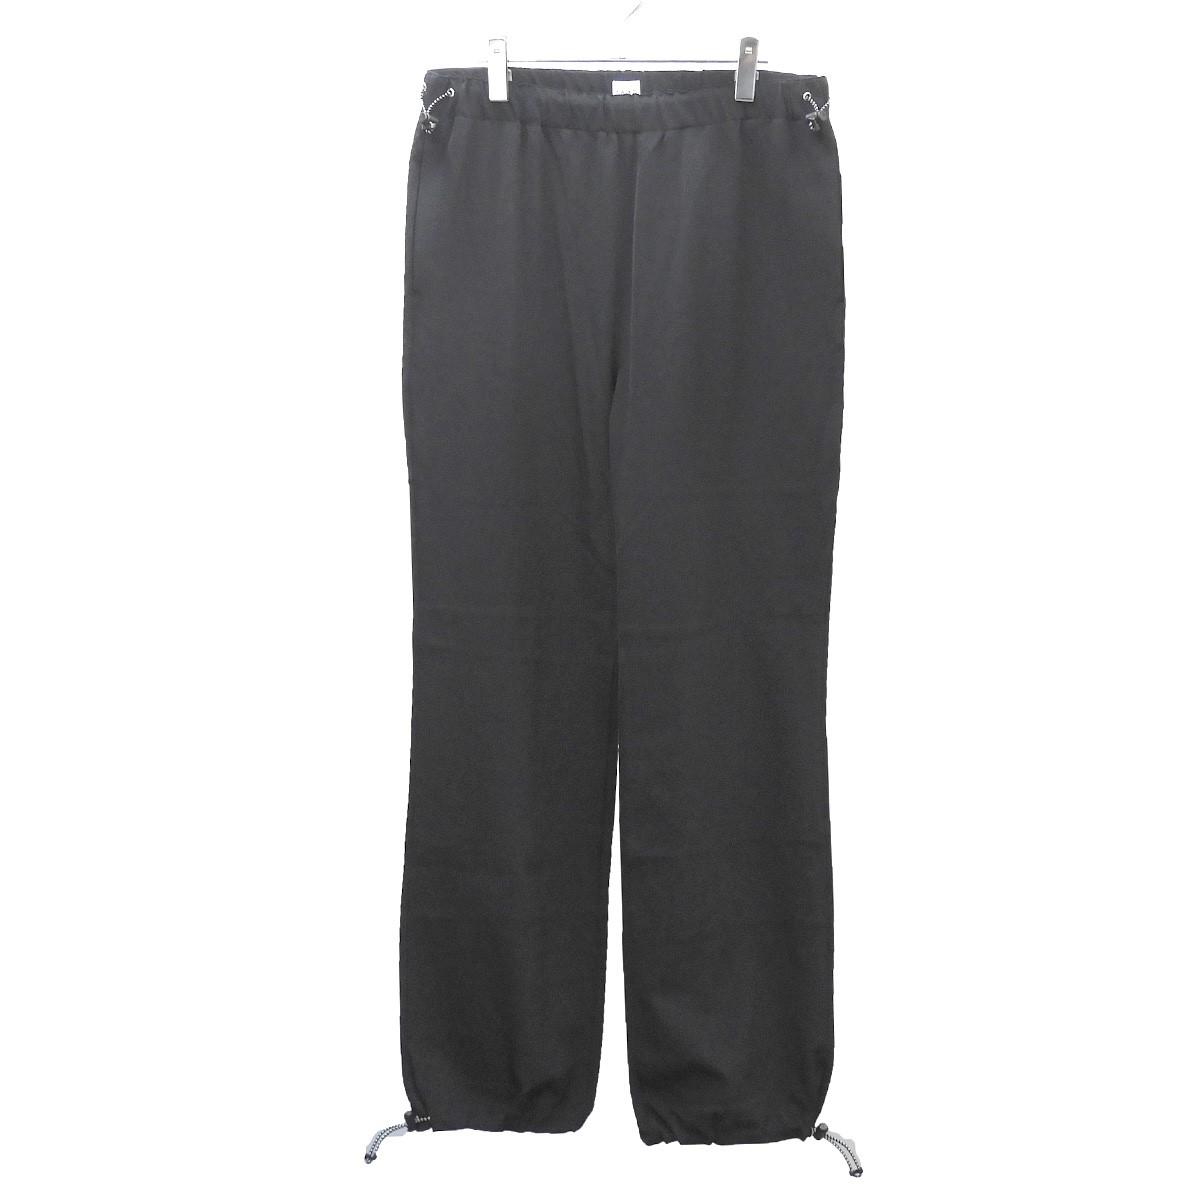 【中古】KAIKO 「FORCELESS TRAINNING PANTS」トレーニングパンツ ブラック サイズ:3 【300520】(カイコ)